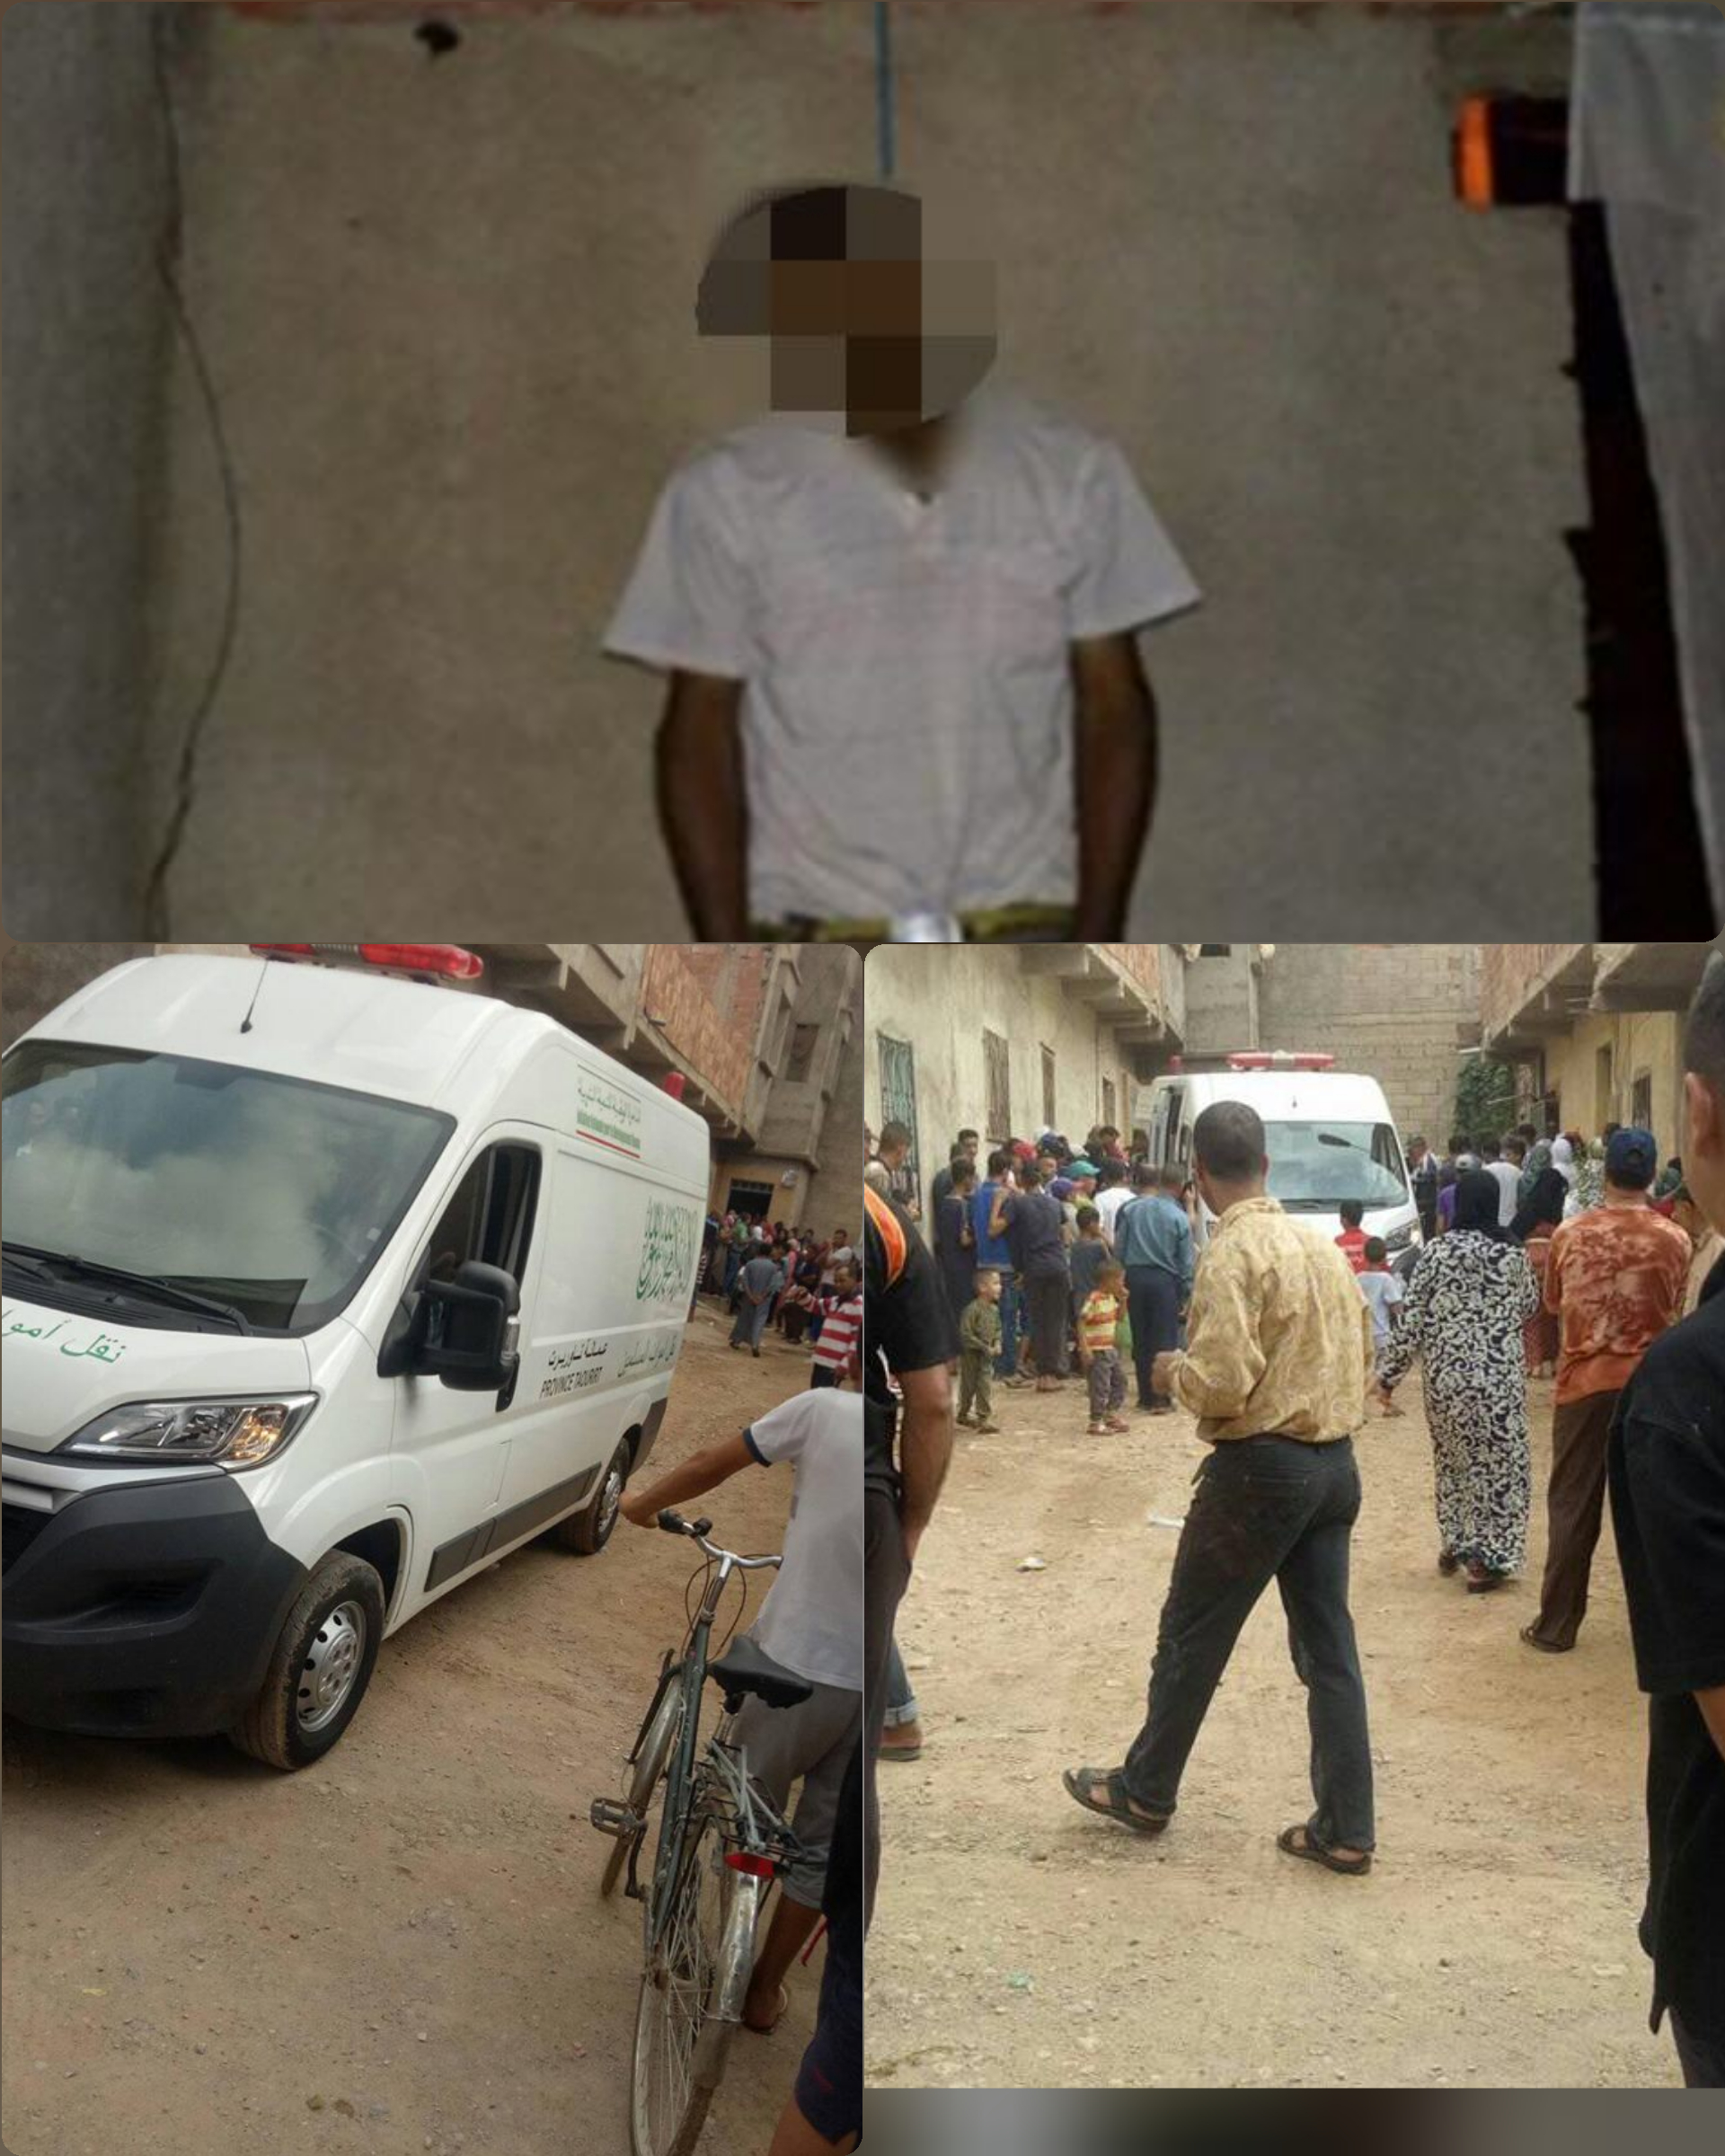 عاجل…انتحار أربعيني متزوج داخل منزله بحي المسيرة بالعيون الشرقية